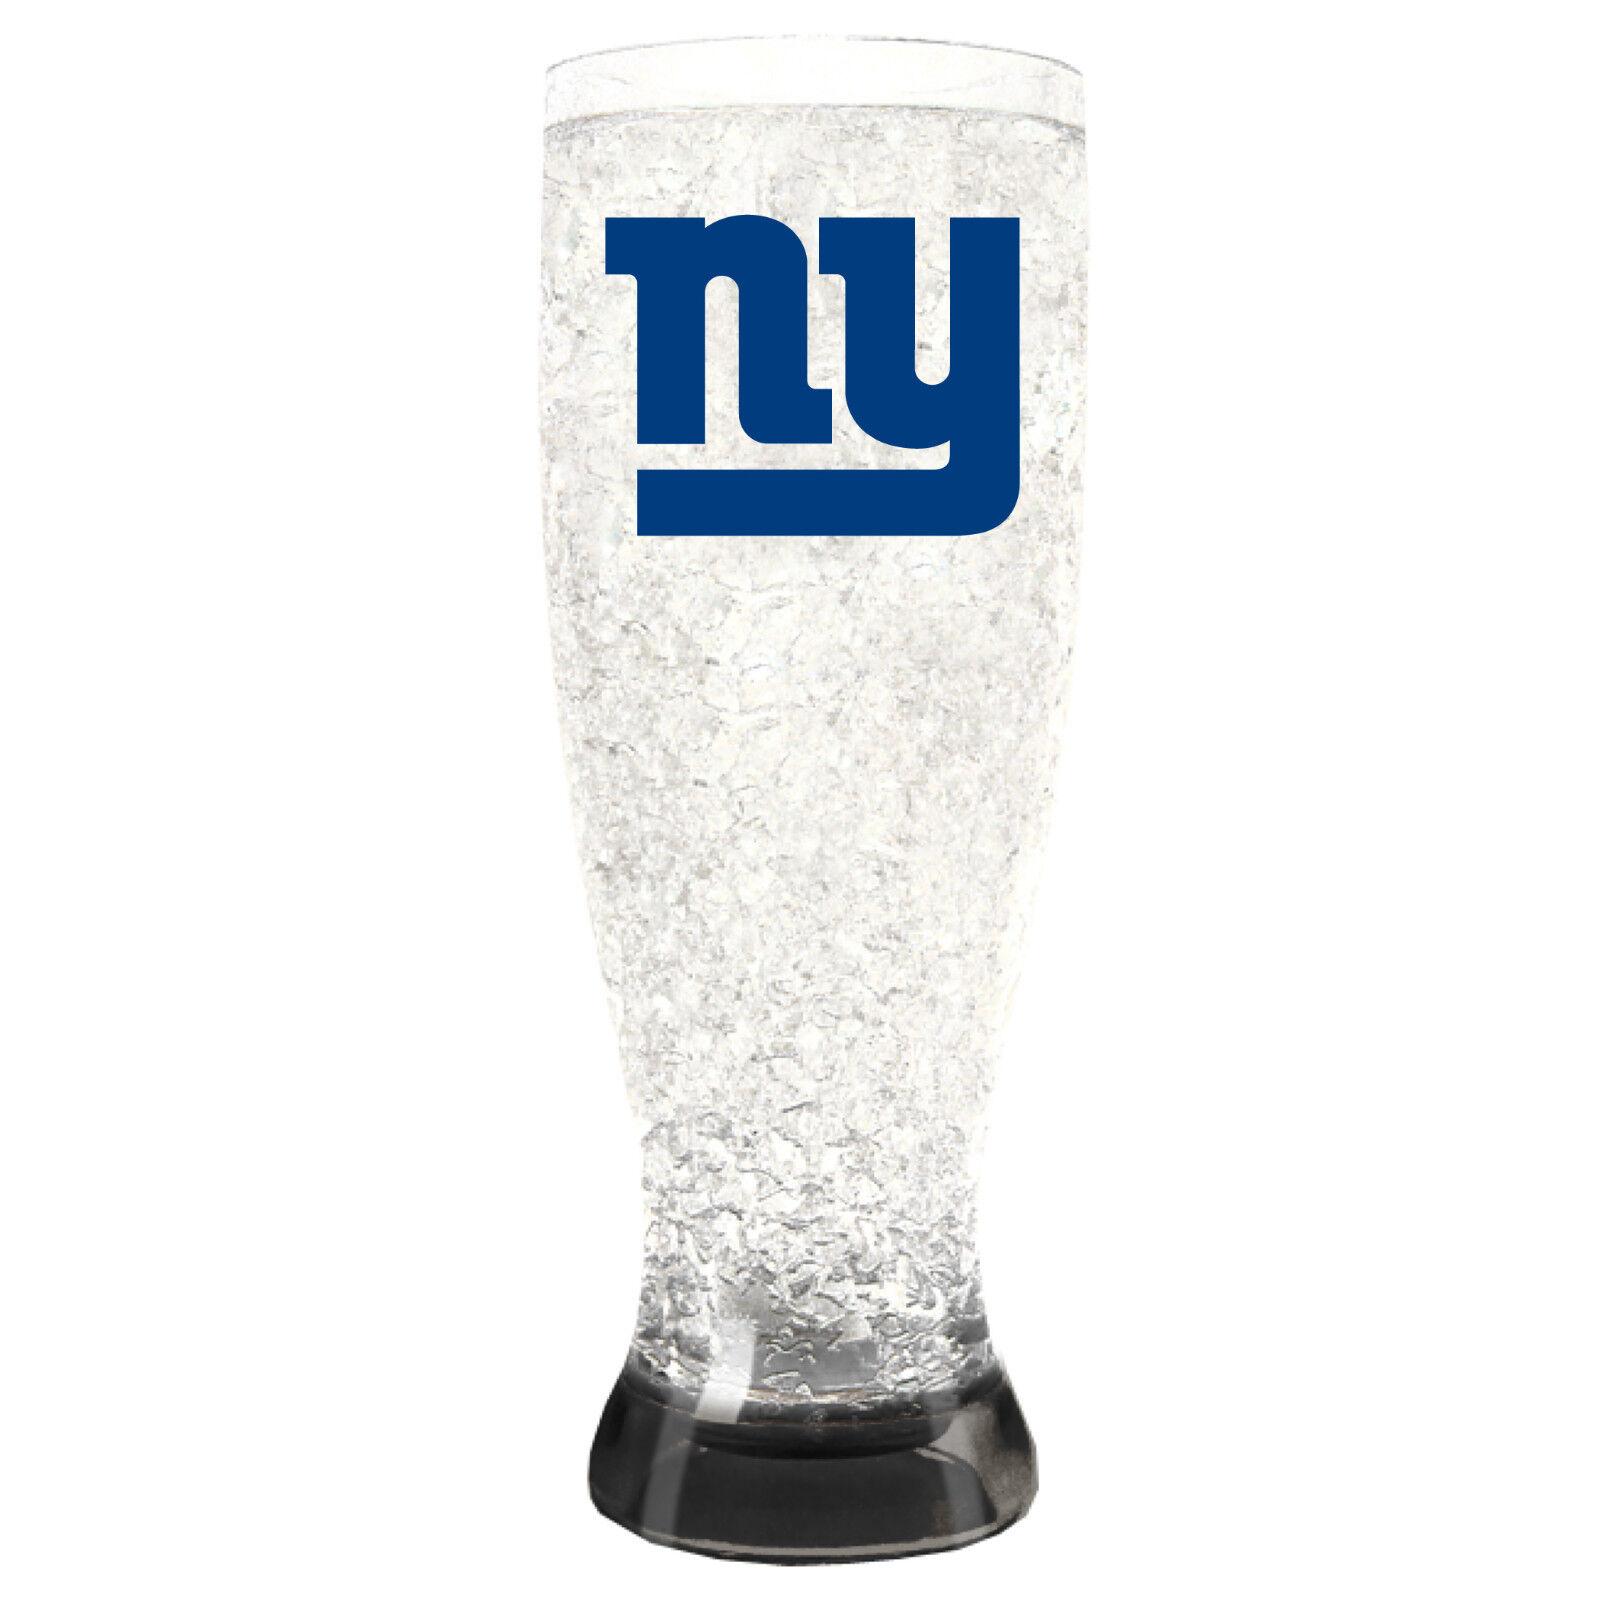 NFL New York NY Giants Bier Weizen Glas Crystal Crystal Crystal Gefrierschrank Weizenglas Pils 0ec6ad